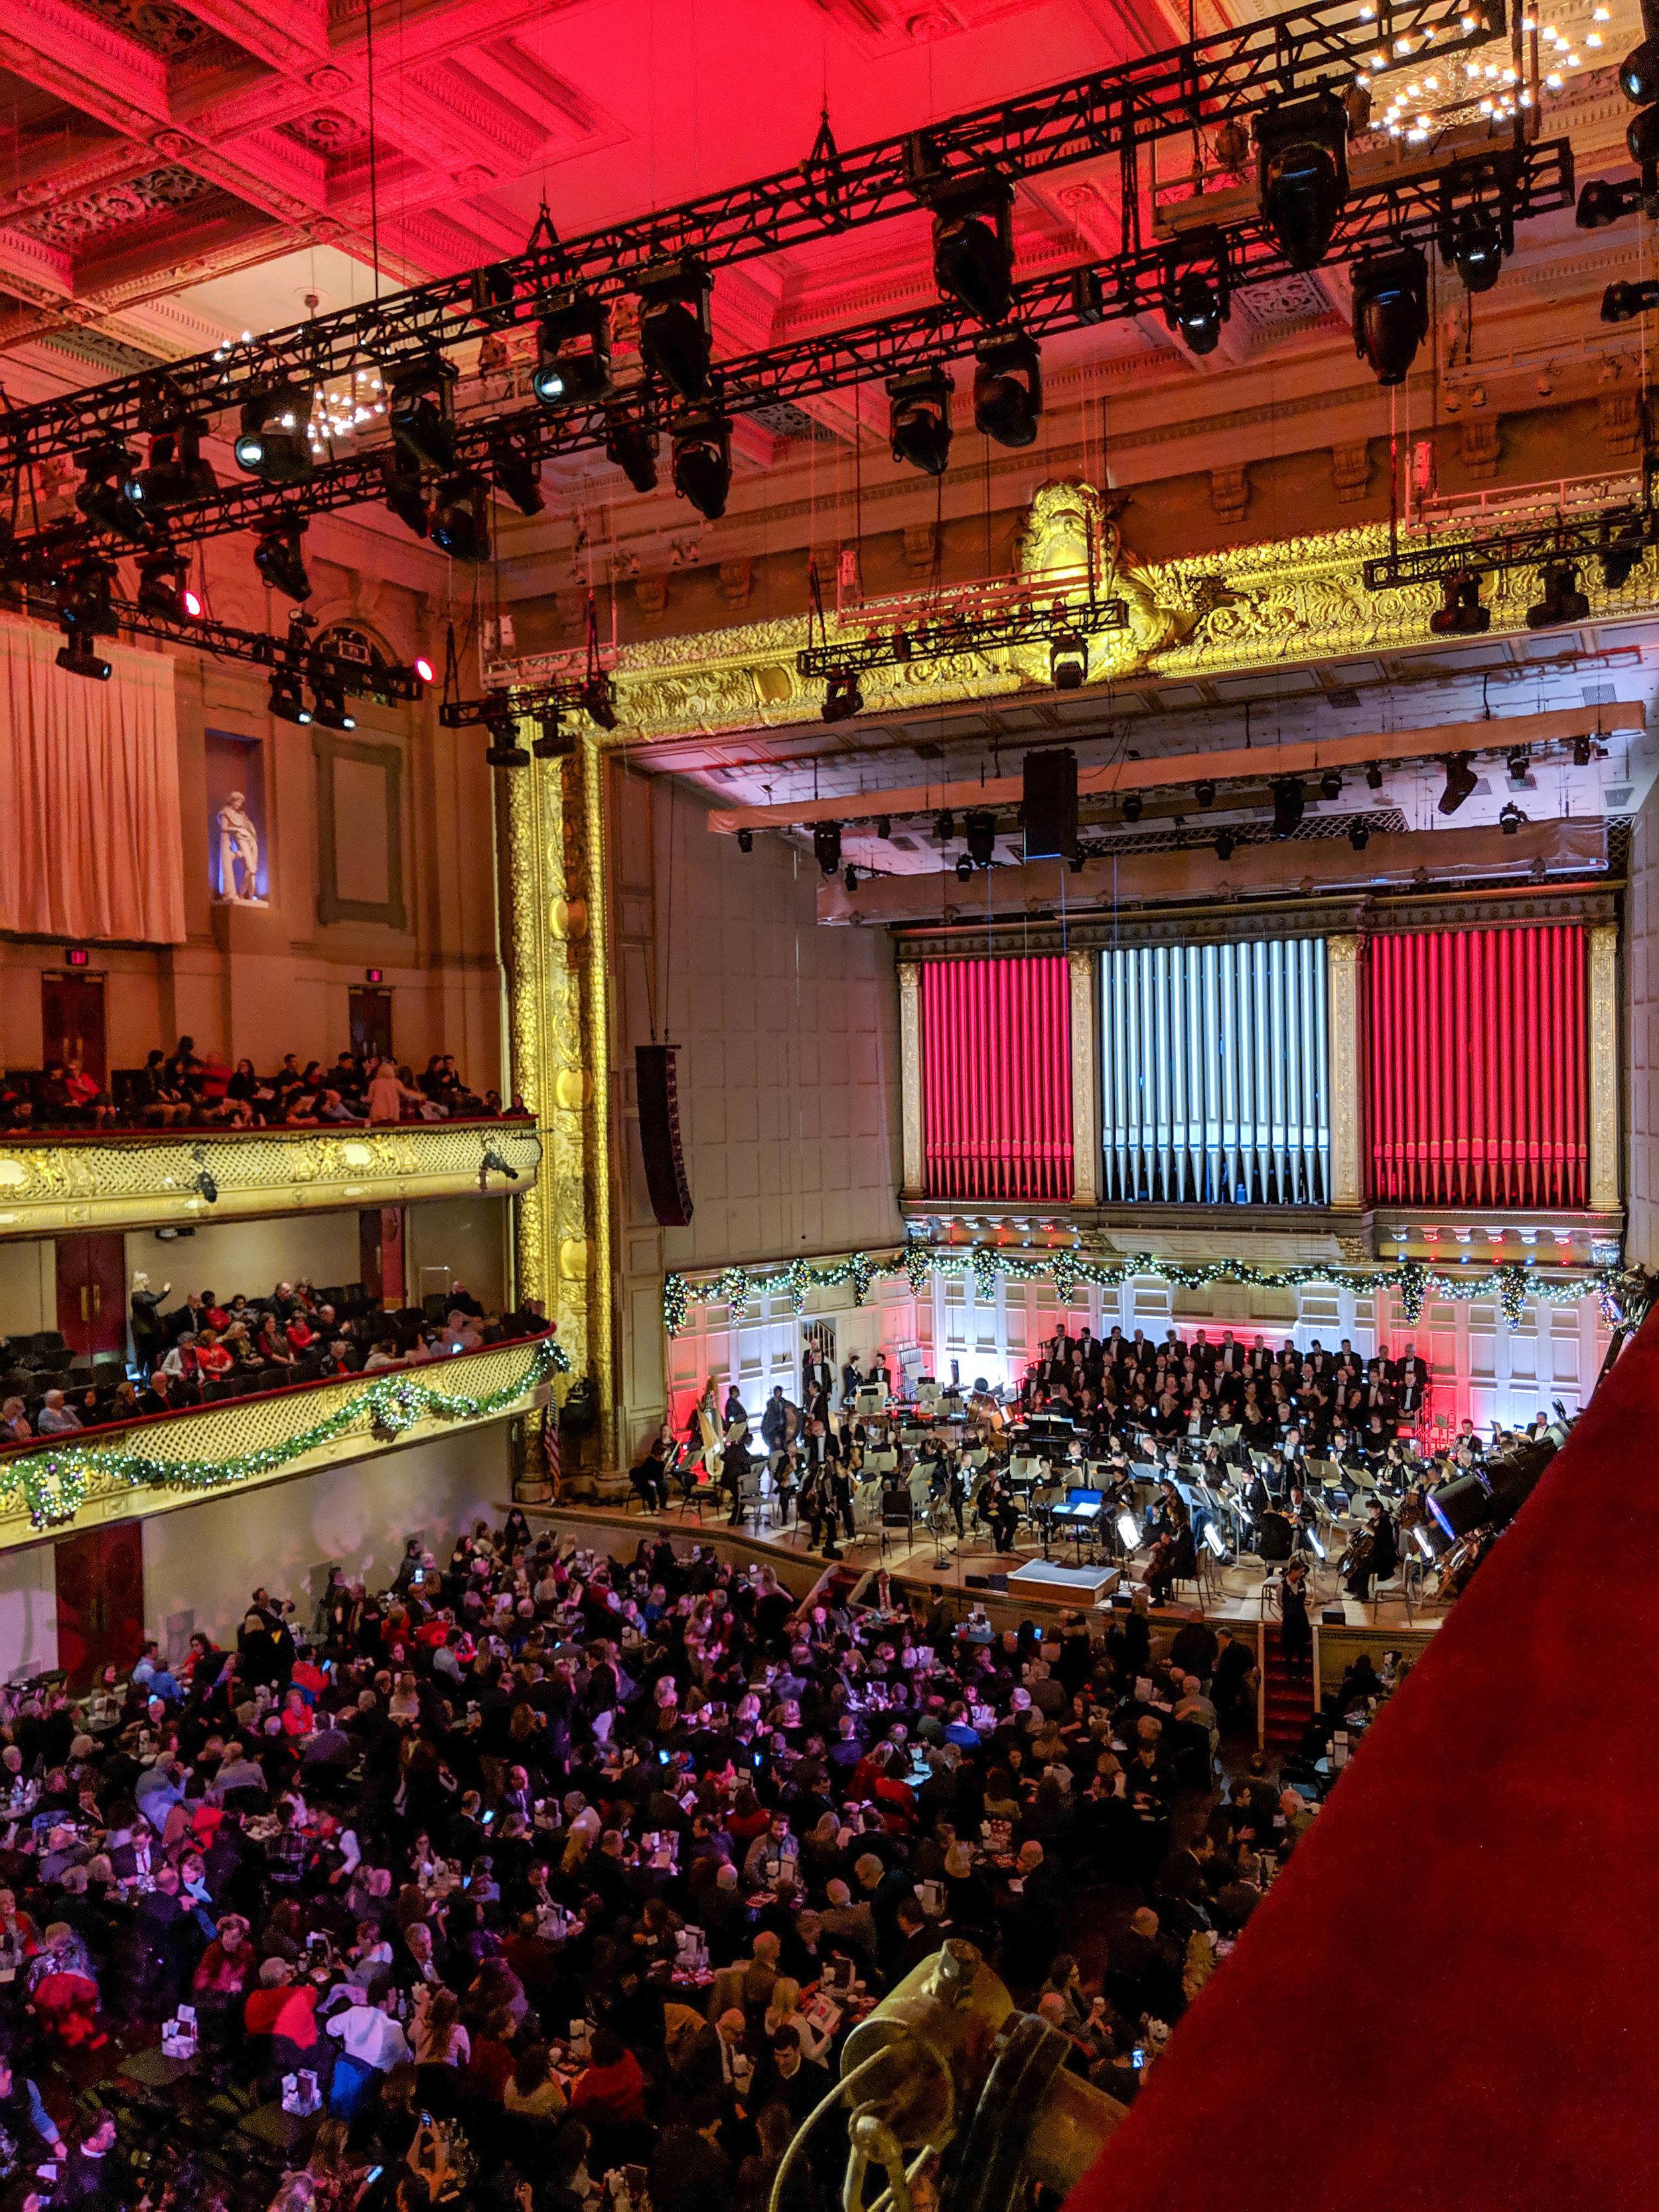 bri rinehart; boston; photography series; pops; orchestra